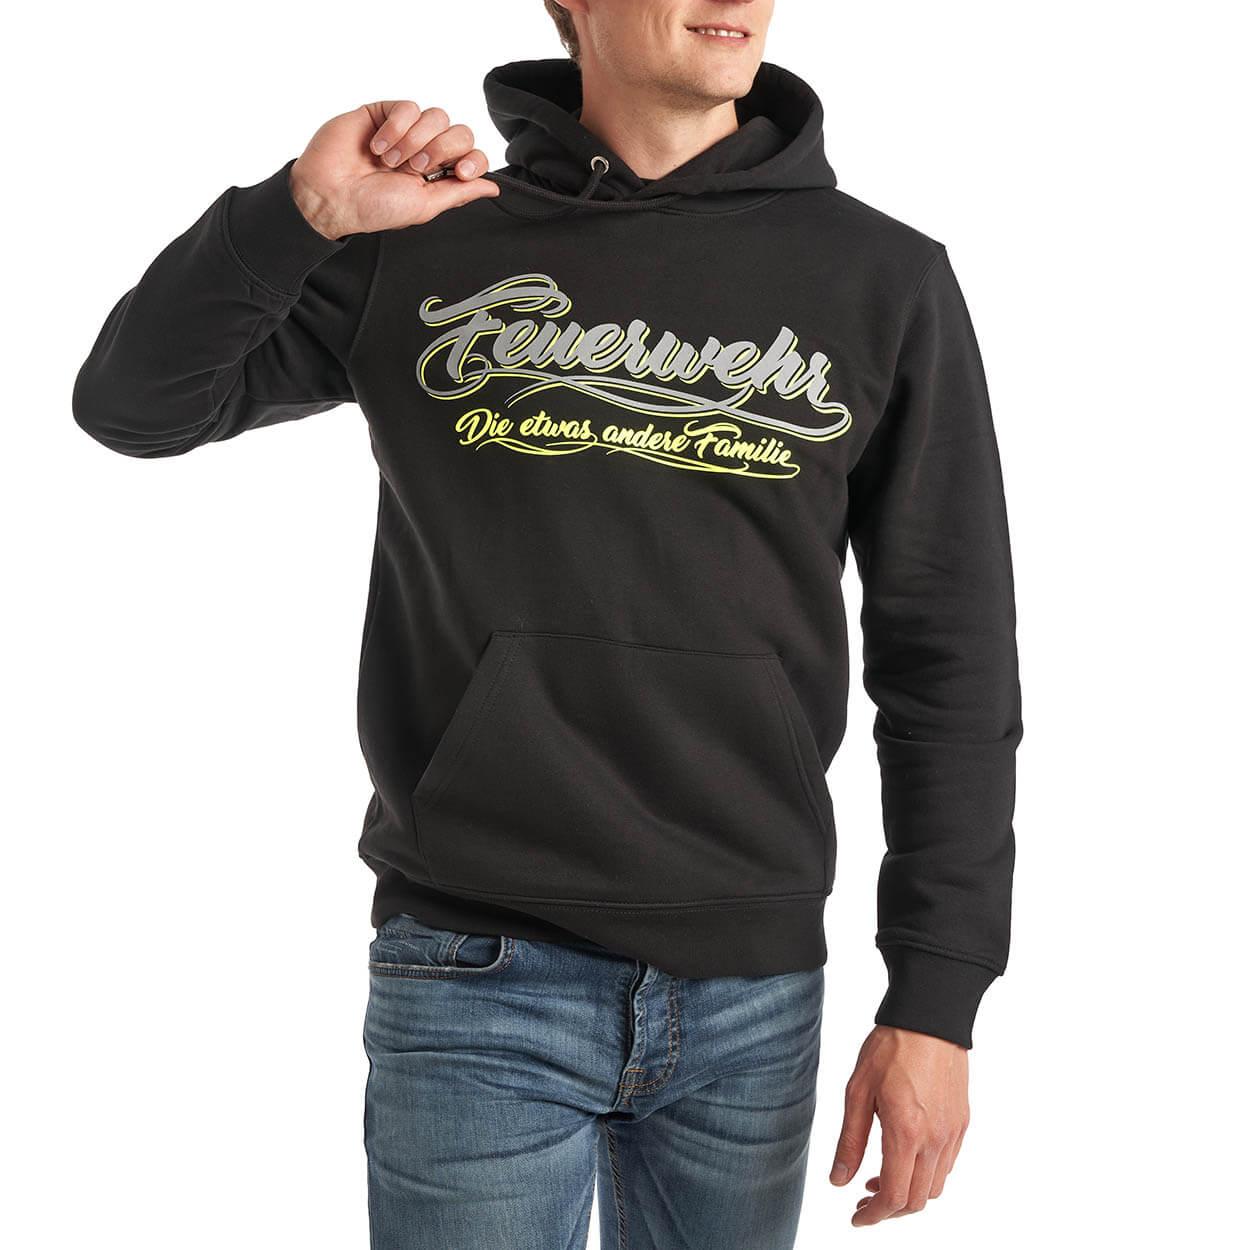 Feuerwehr, die etwas andere Familie - Männer Kapuzensweater schwarz